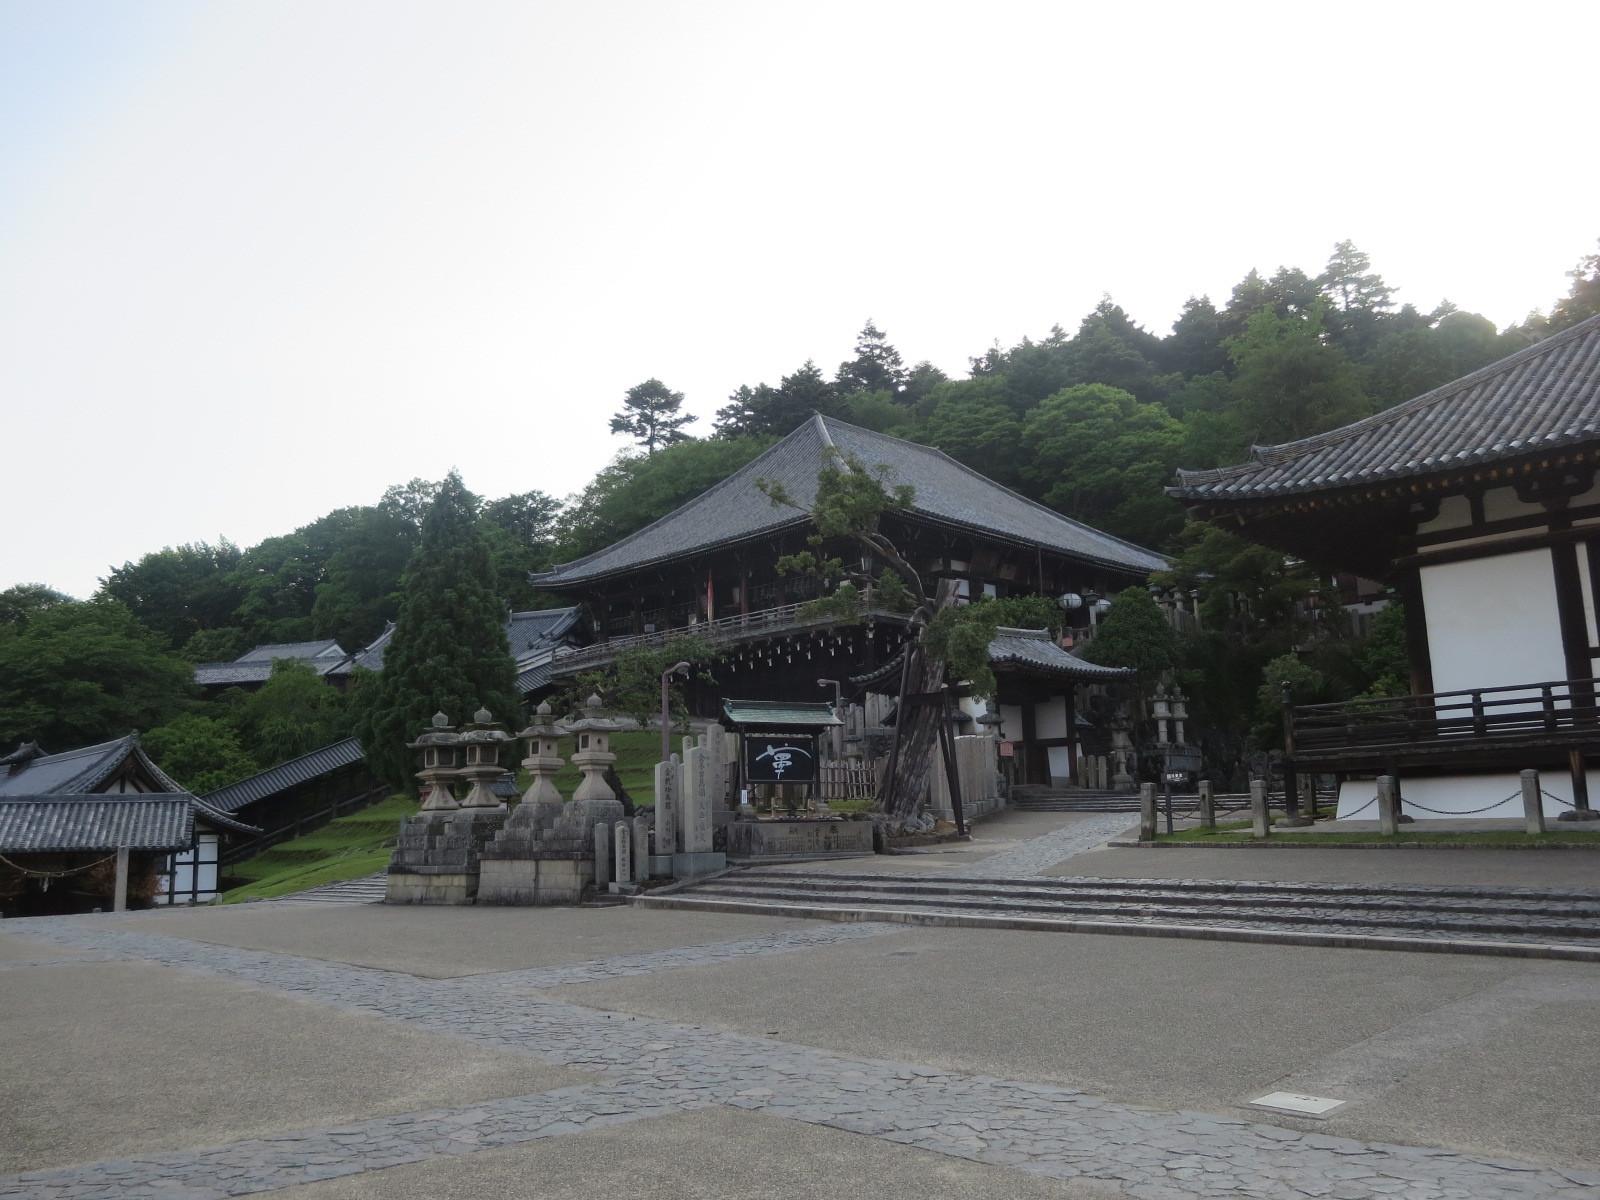 山の辺の道(北)を奈良から天理まで歩いた話0_c0001670_20245555.jpg